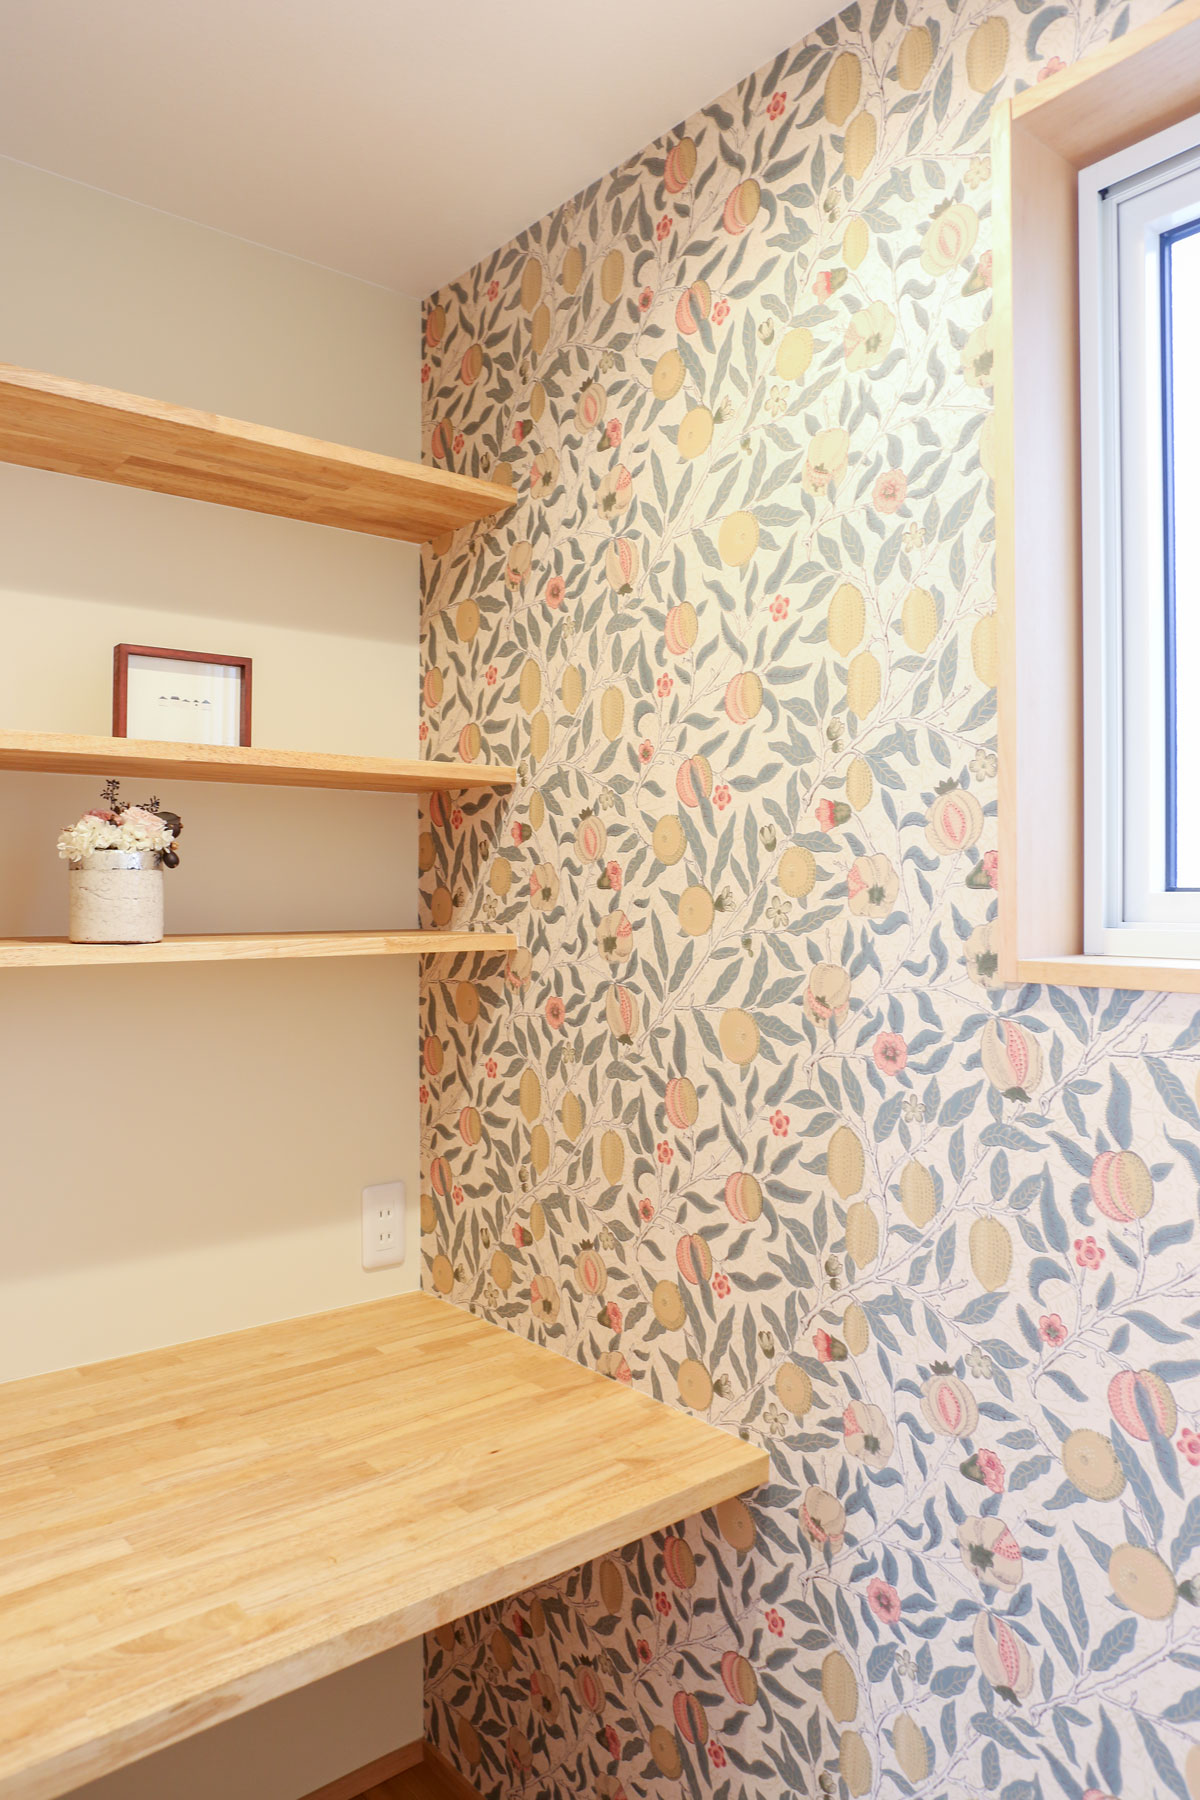 ウィリアムモリスの壁紙がかわいいワークスペース